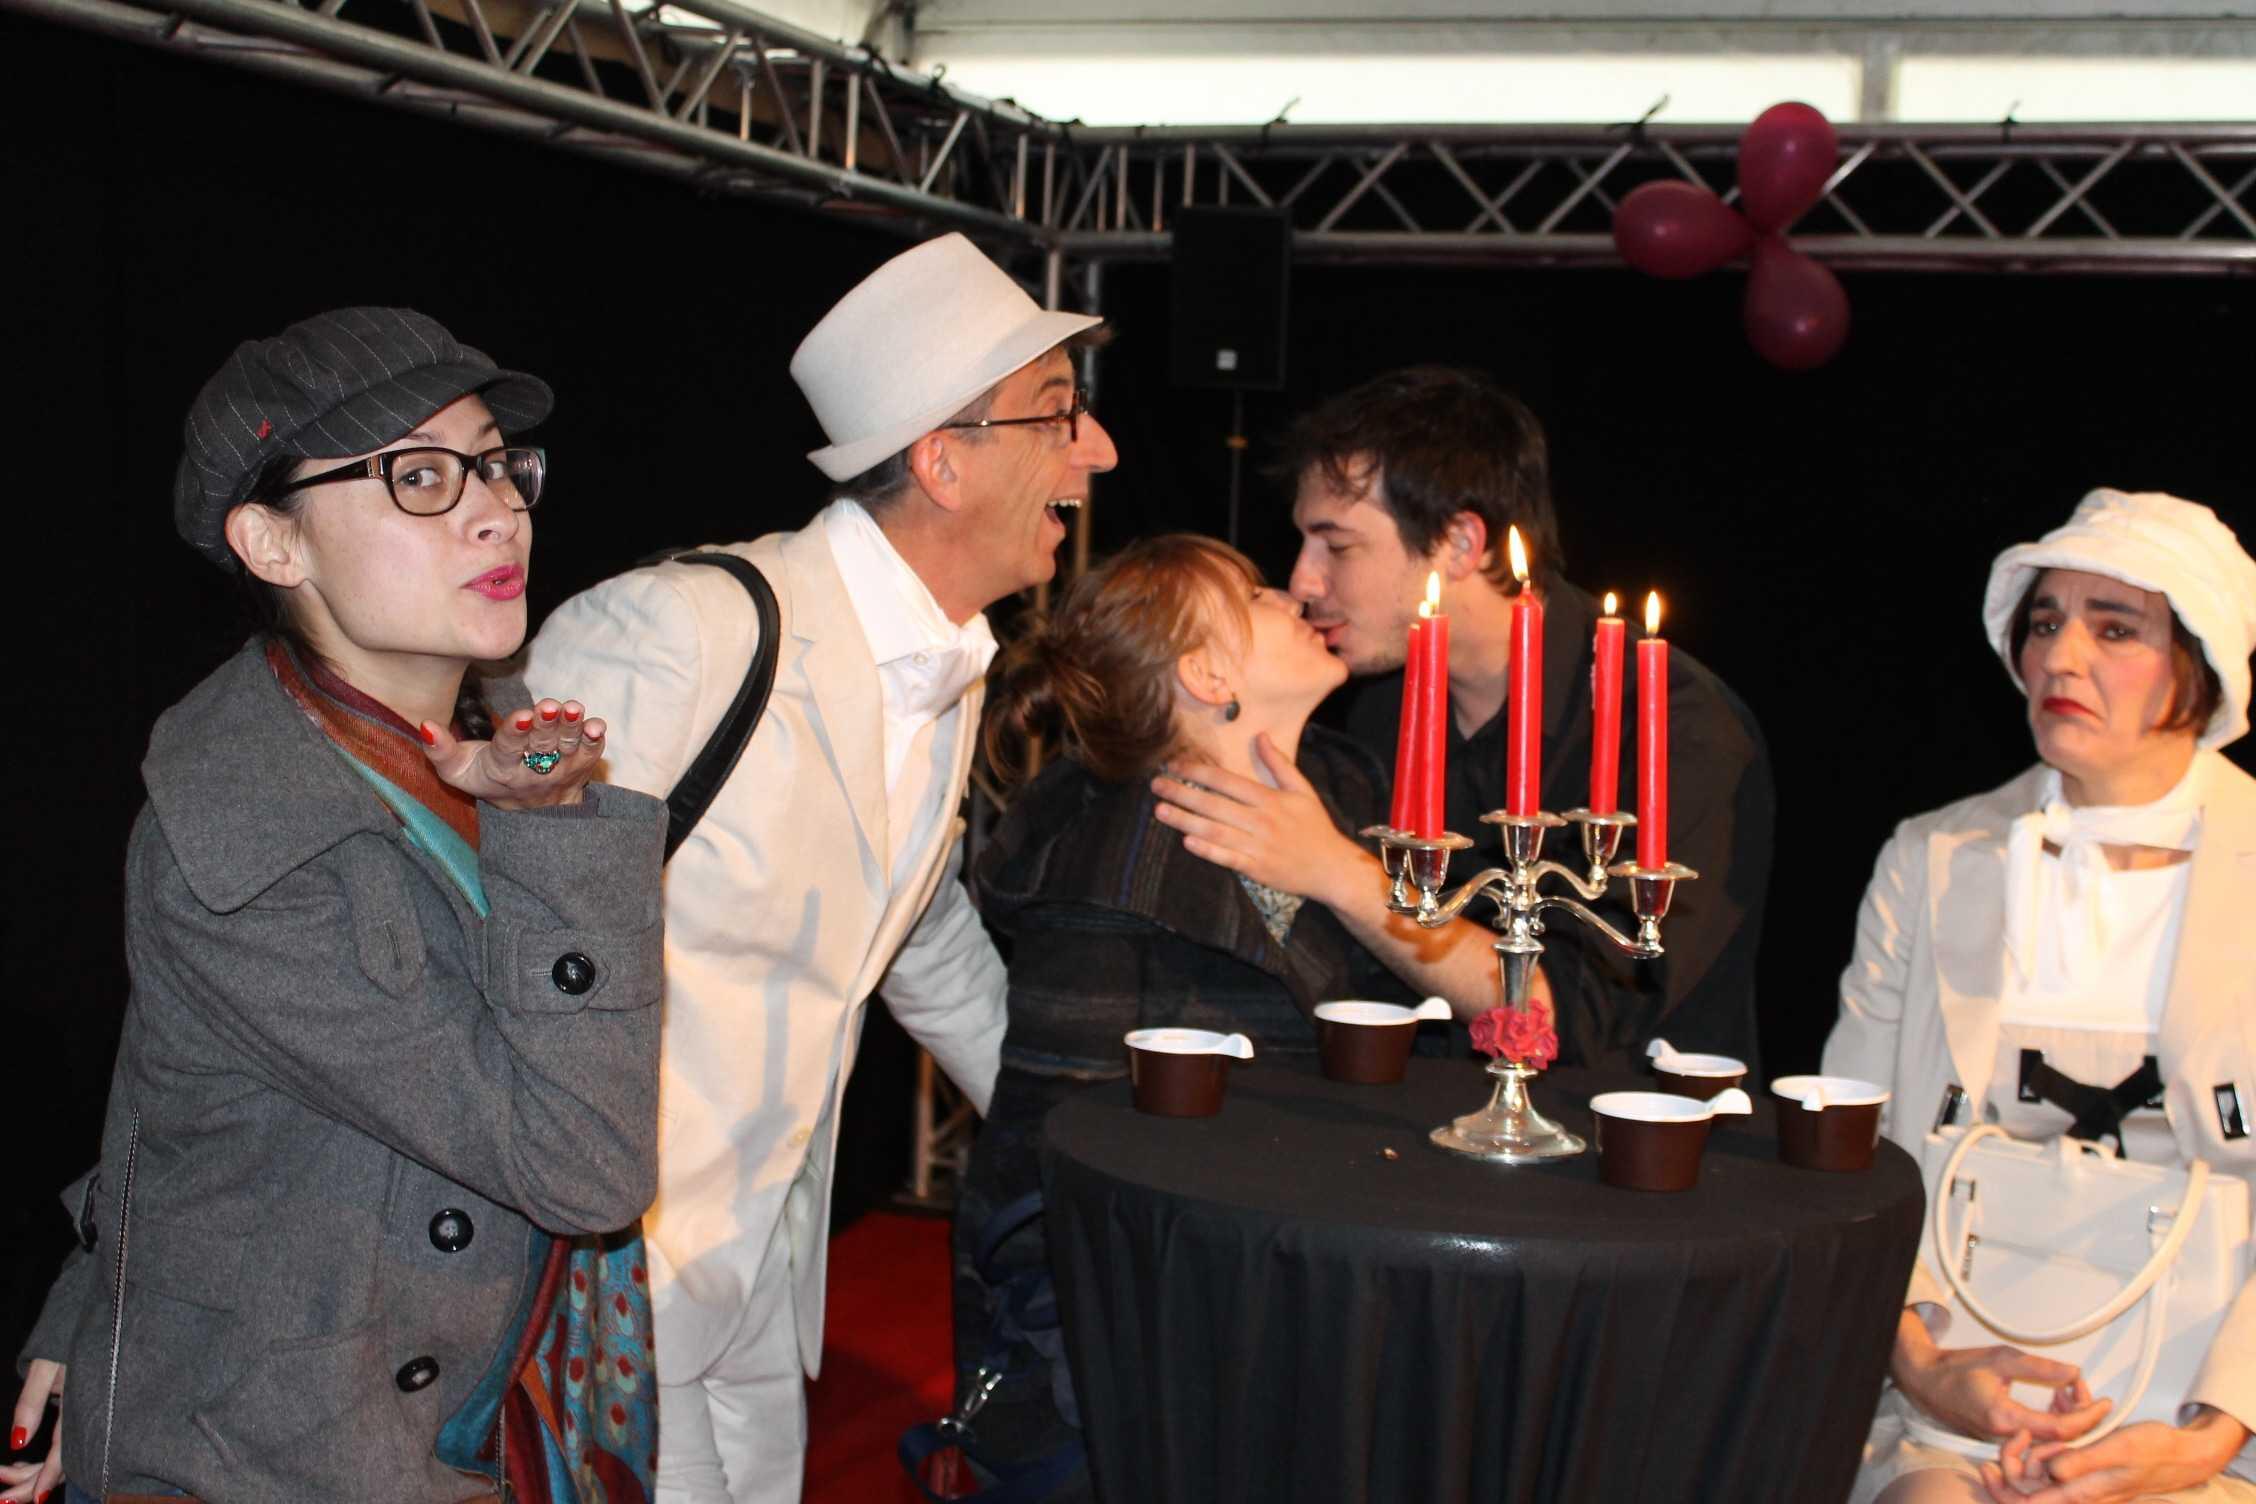 Sérignan 2013 : images en direct du festival qui fait aimer l'amour